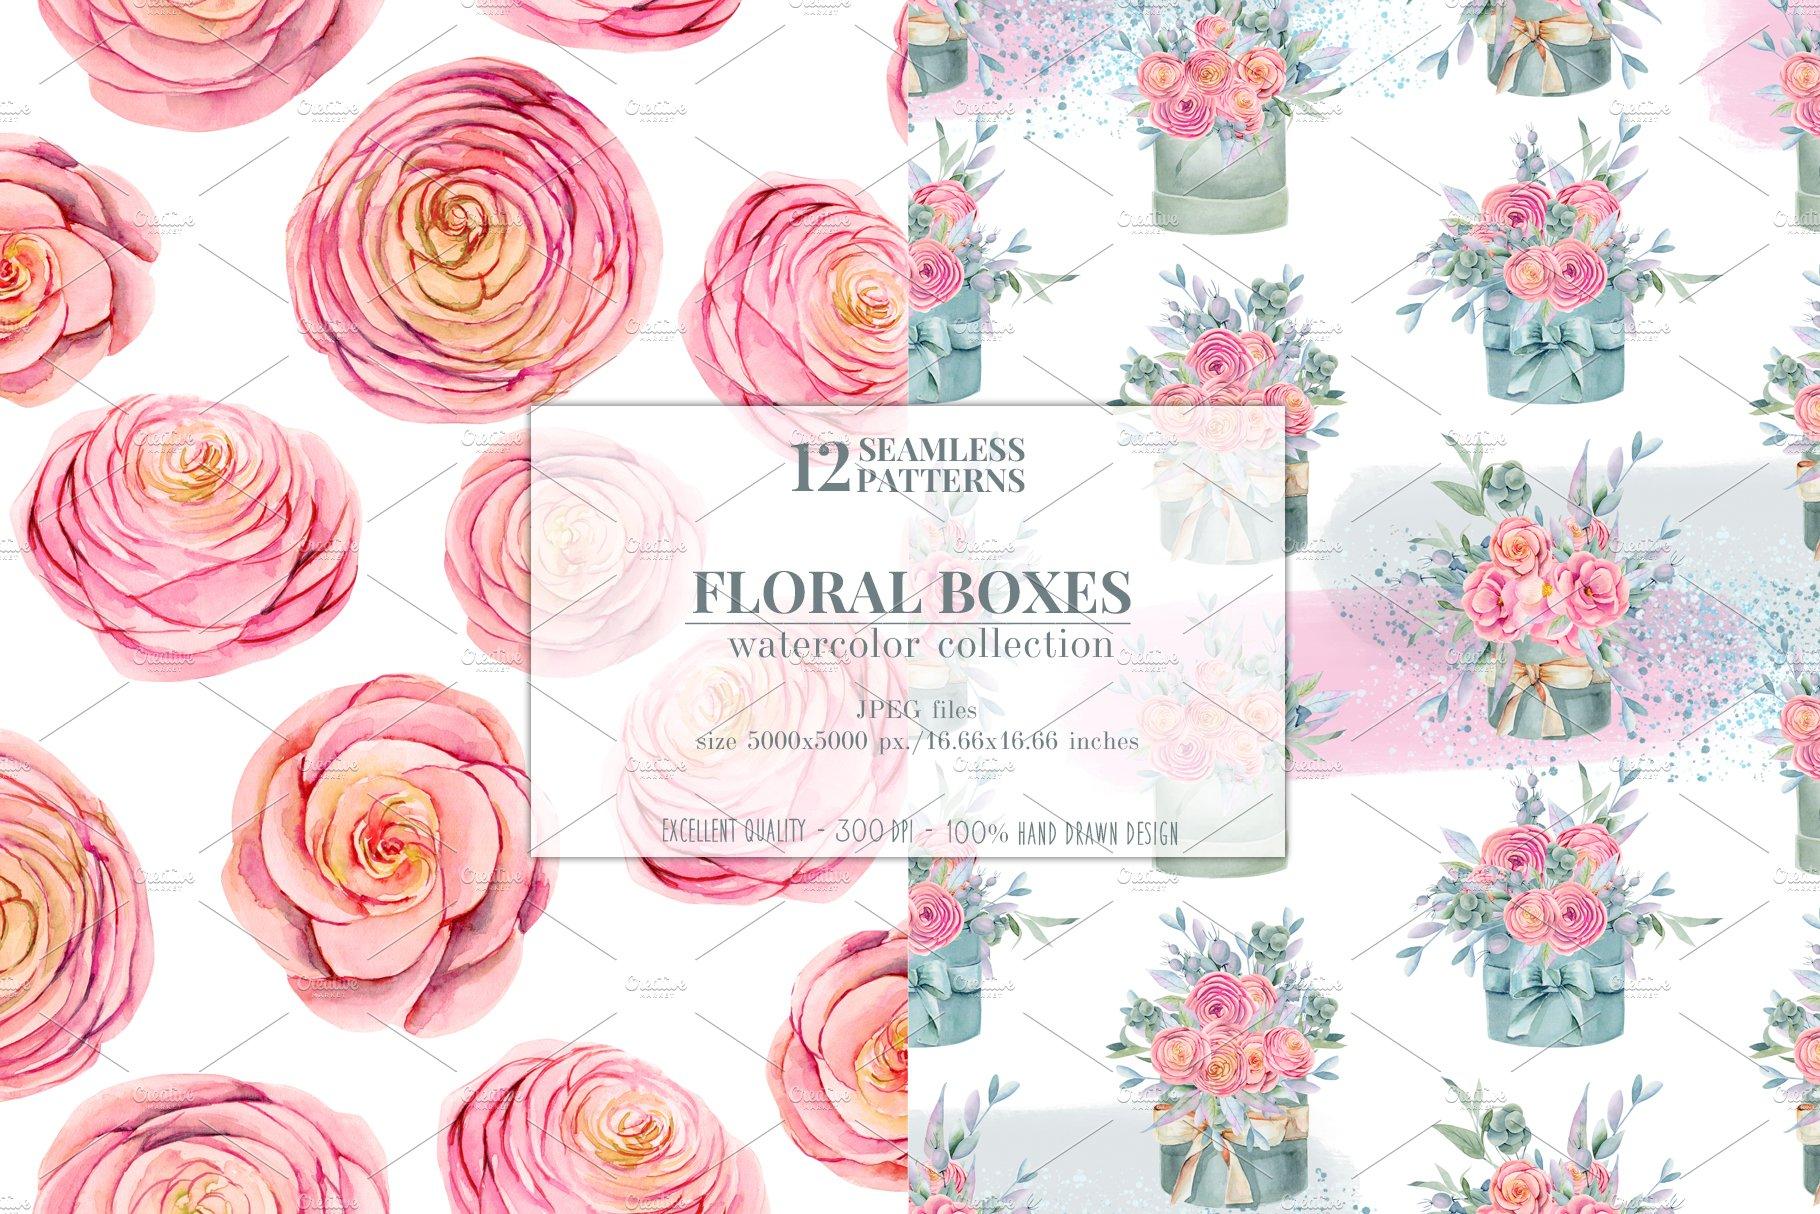 12款无缝隙花卉手绘水彩画图片设计素材合集 Floral Boxes. Seamless Patterns Set插图1